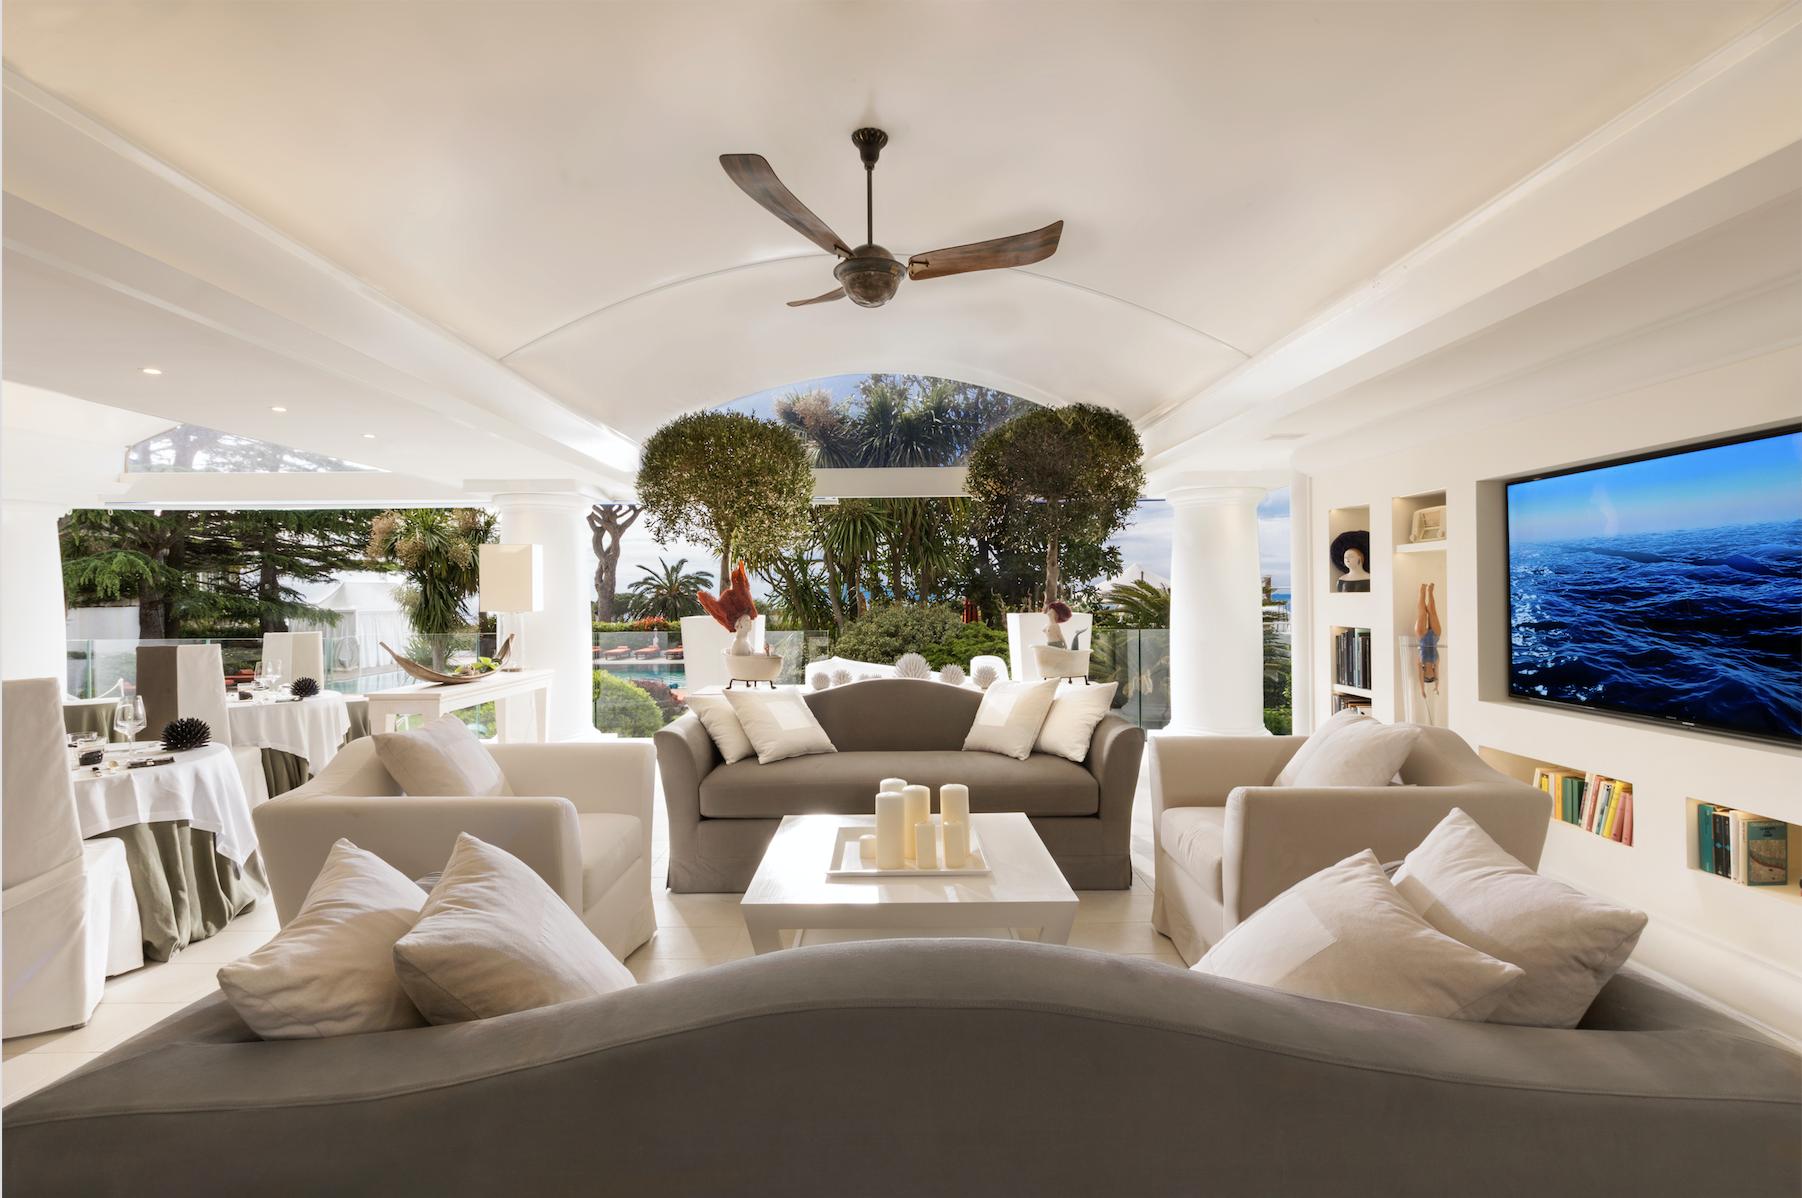 Capri Palace Jumeirah opening 2020